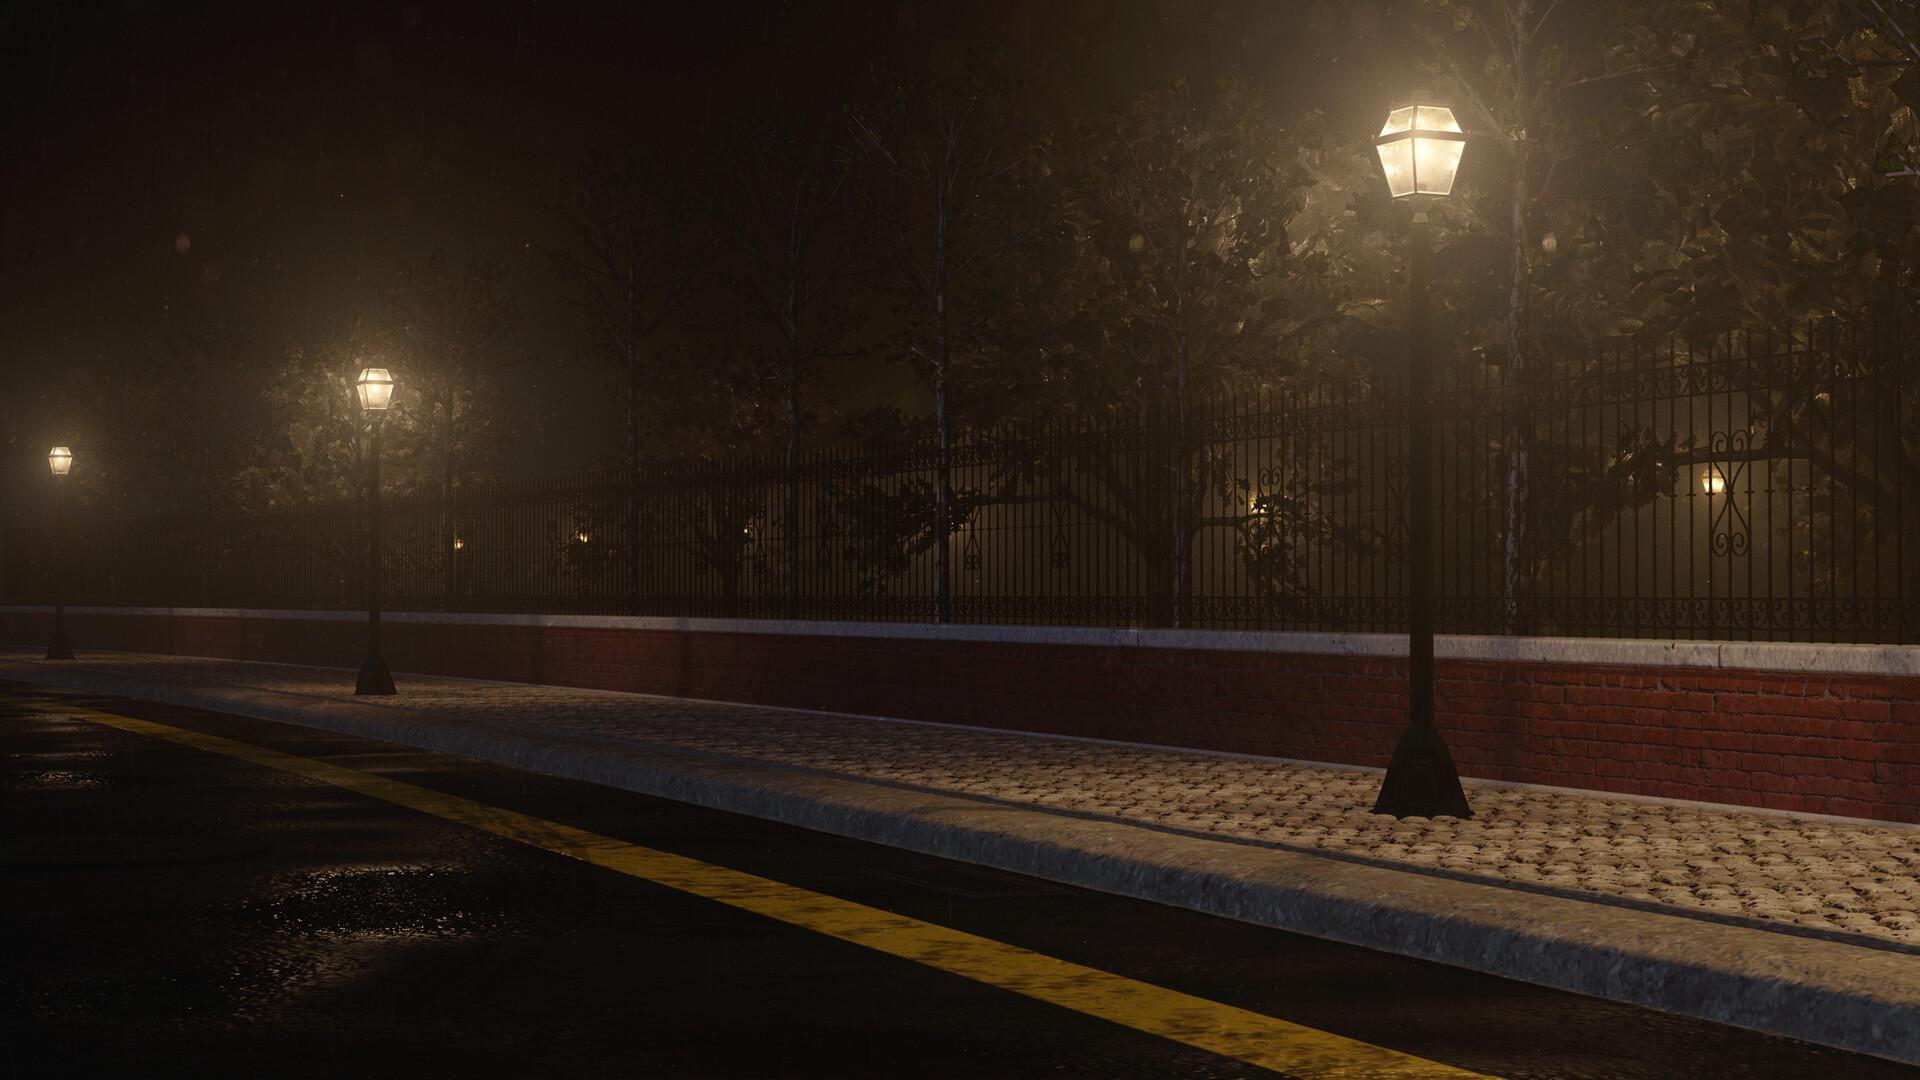 Night Street Breakdown | Maya Arnold Render | The Rookies